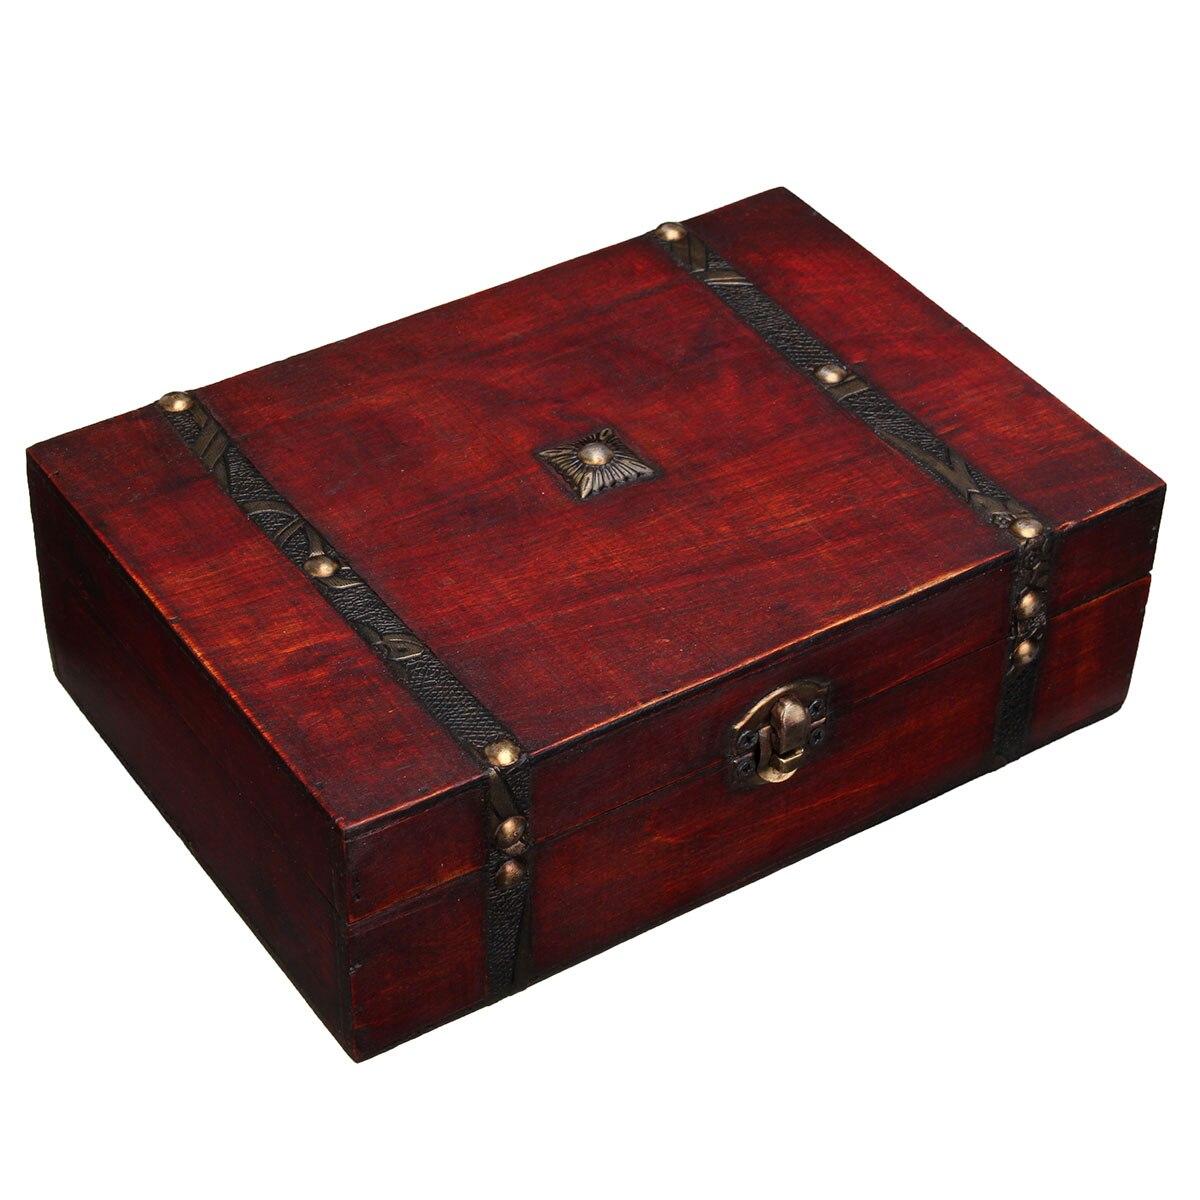 Ev ve Bahçe'ten Saklama Kutuları ve Kovaları'de Yeni Retro Kilitlenebilir kutu tutucu Mücevher Kutusu saklama kutusu Eski Ahşap saklama kutusu Fotoğraf Sahne Hediyeler Kılıfları 23X16X7.5 cm title=